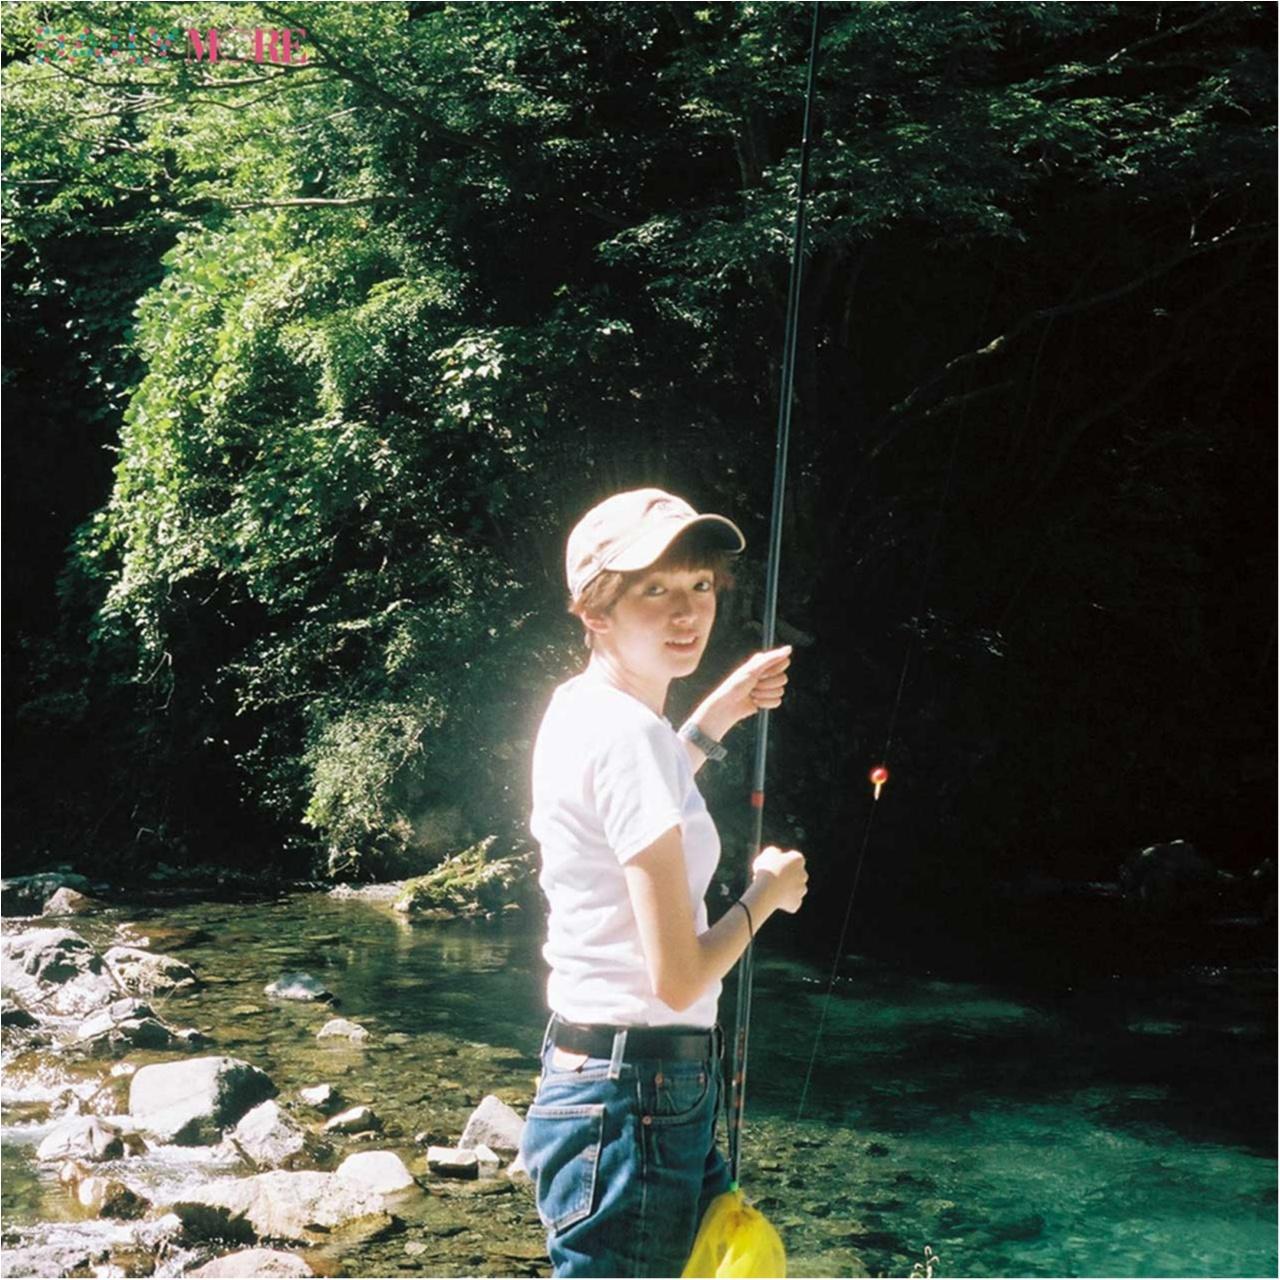 おいしいイワナ、何匹釣れるかな♪ 佐藤栞里が「渓流釣り」にGO!【栞里のちょっと行ってみ!?】_2